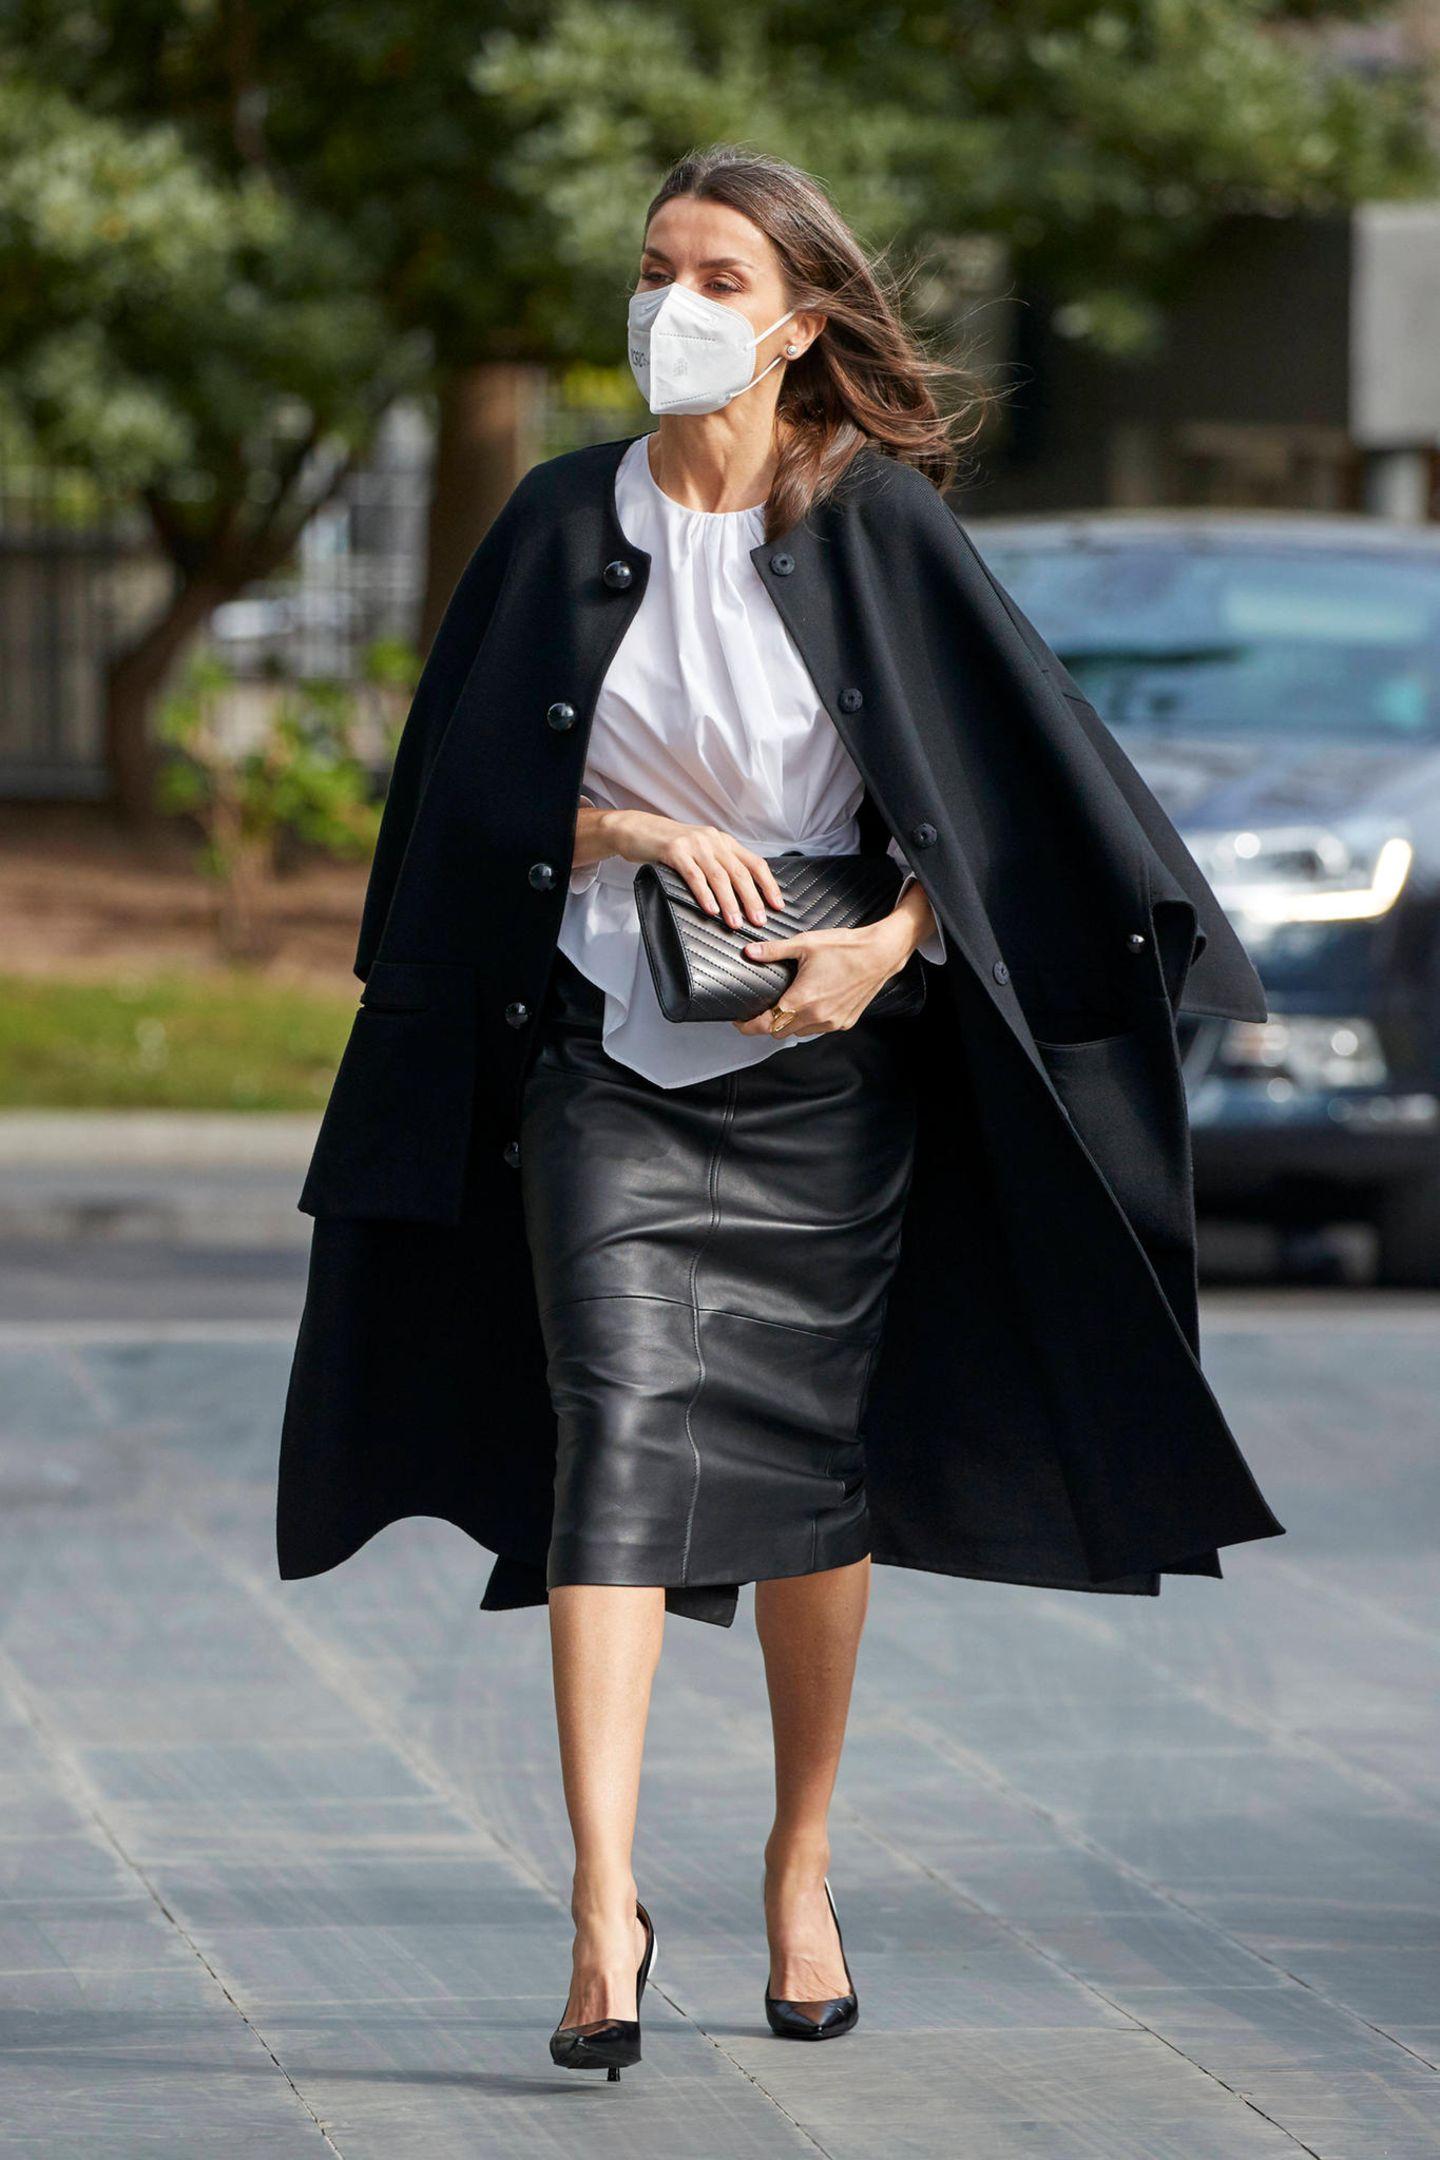 Letizia ist nicht nur Königin von Spanien, sondern auch Königin der Mode. Mal wieder beweist sie bei einem öffentlichen Auftritt ihr Trend-Gespür und kombiniert einen Bleistiftrock aus Leder zu High Heels und geraffter Bluse. Vor allem der Cape-Mantel gibt ihrem Look das ultimative Upgrade. Sie hat es drauf!